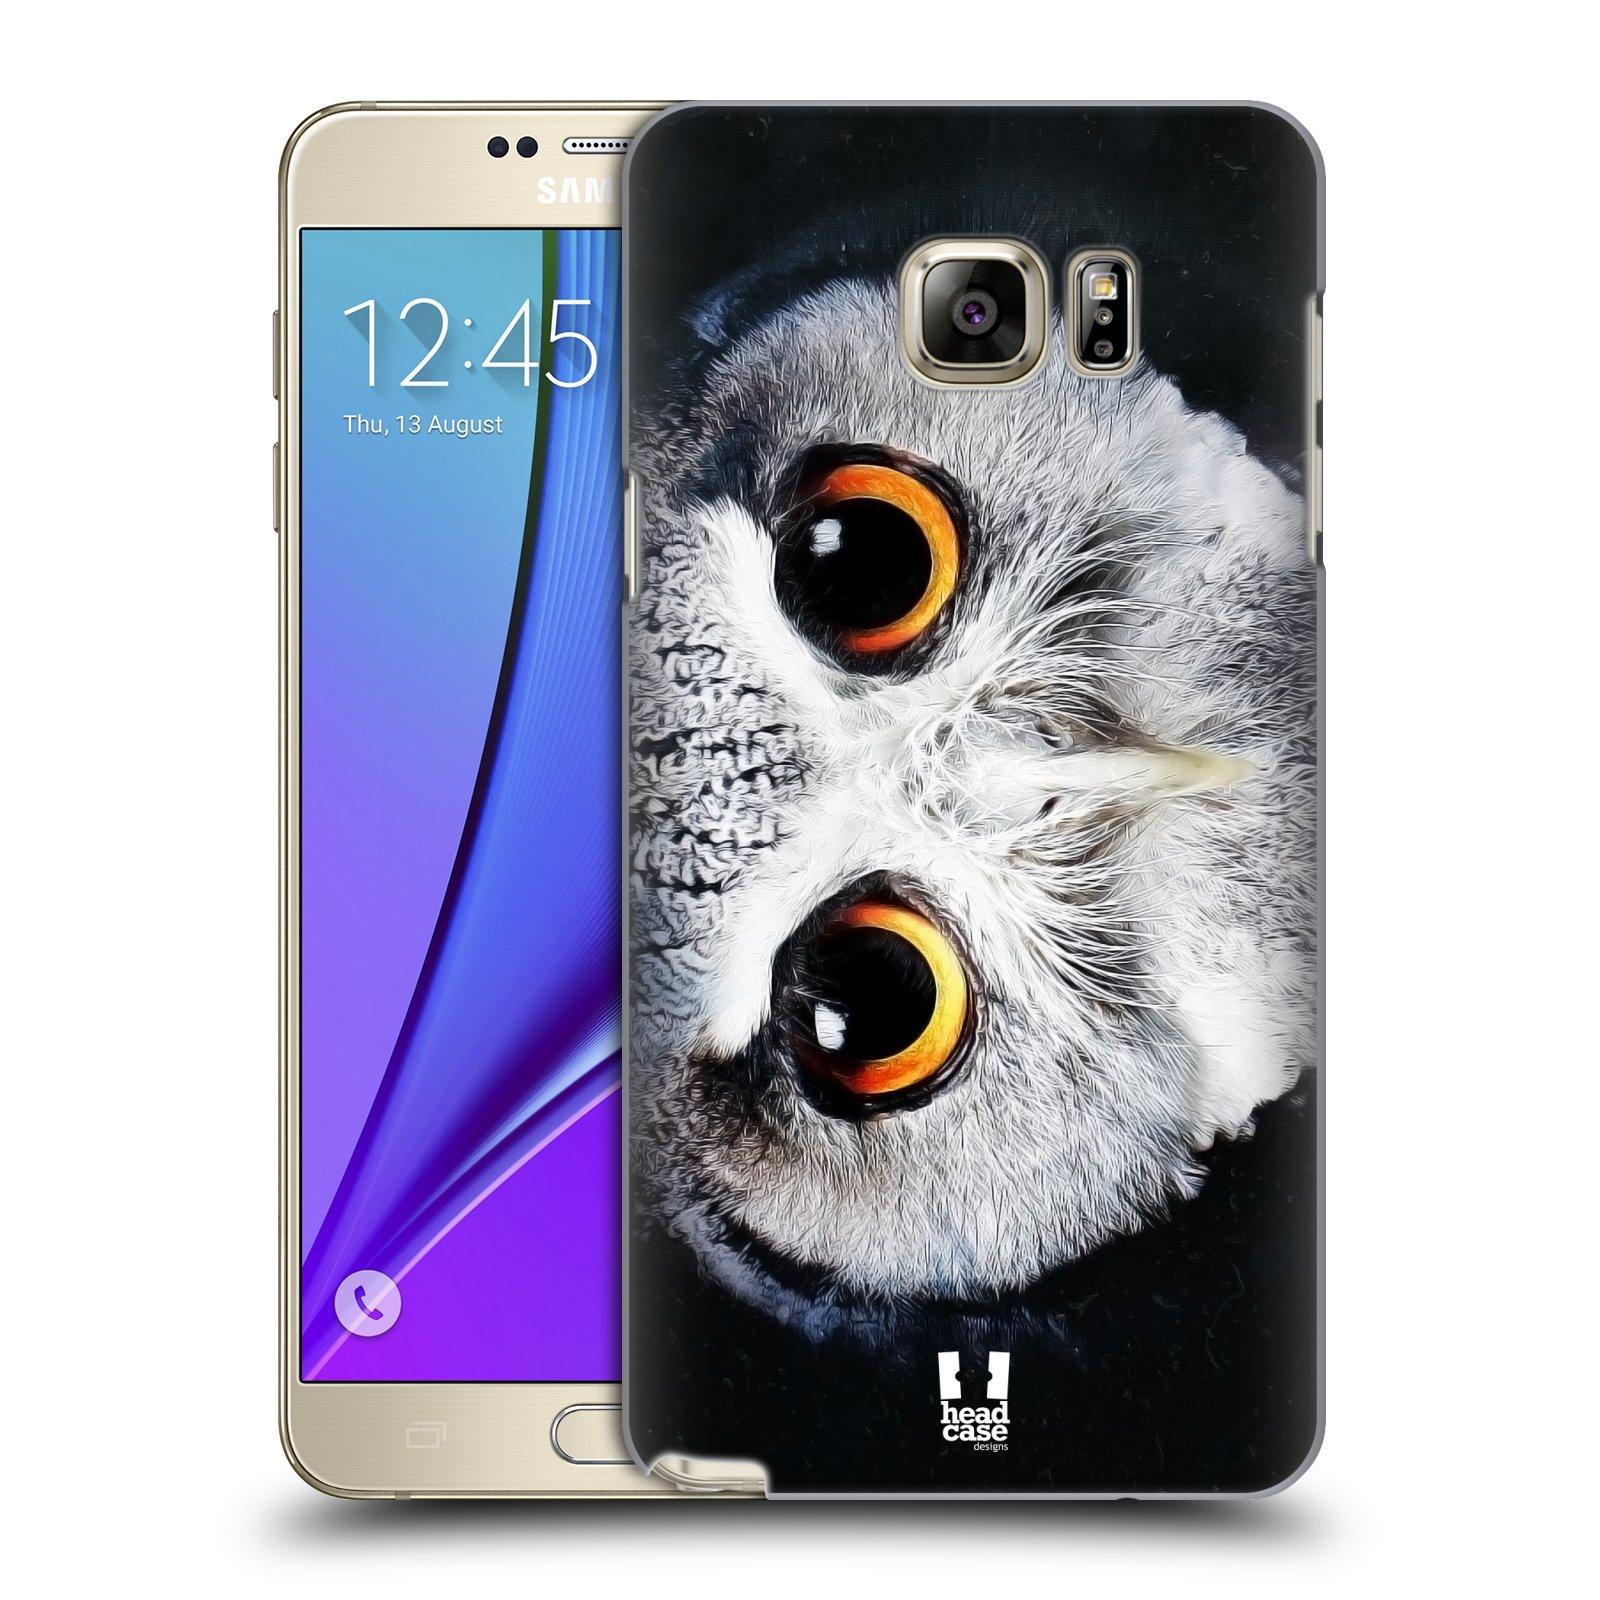 HEAD CASE plastový obal na mobil SAMSUNG Galaxy Note 5 (N920) vzor Zvířecí tváře sova